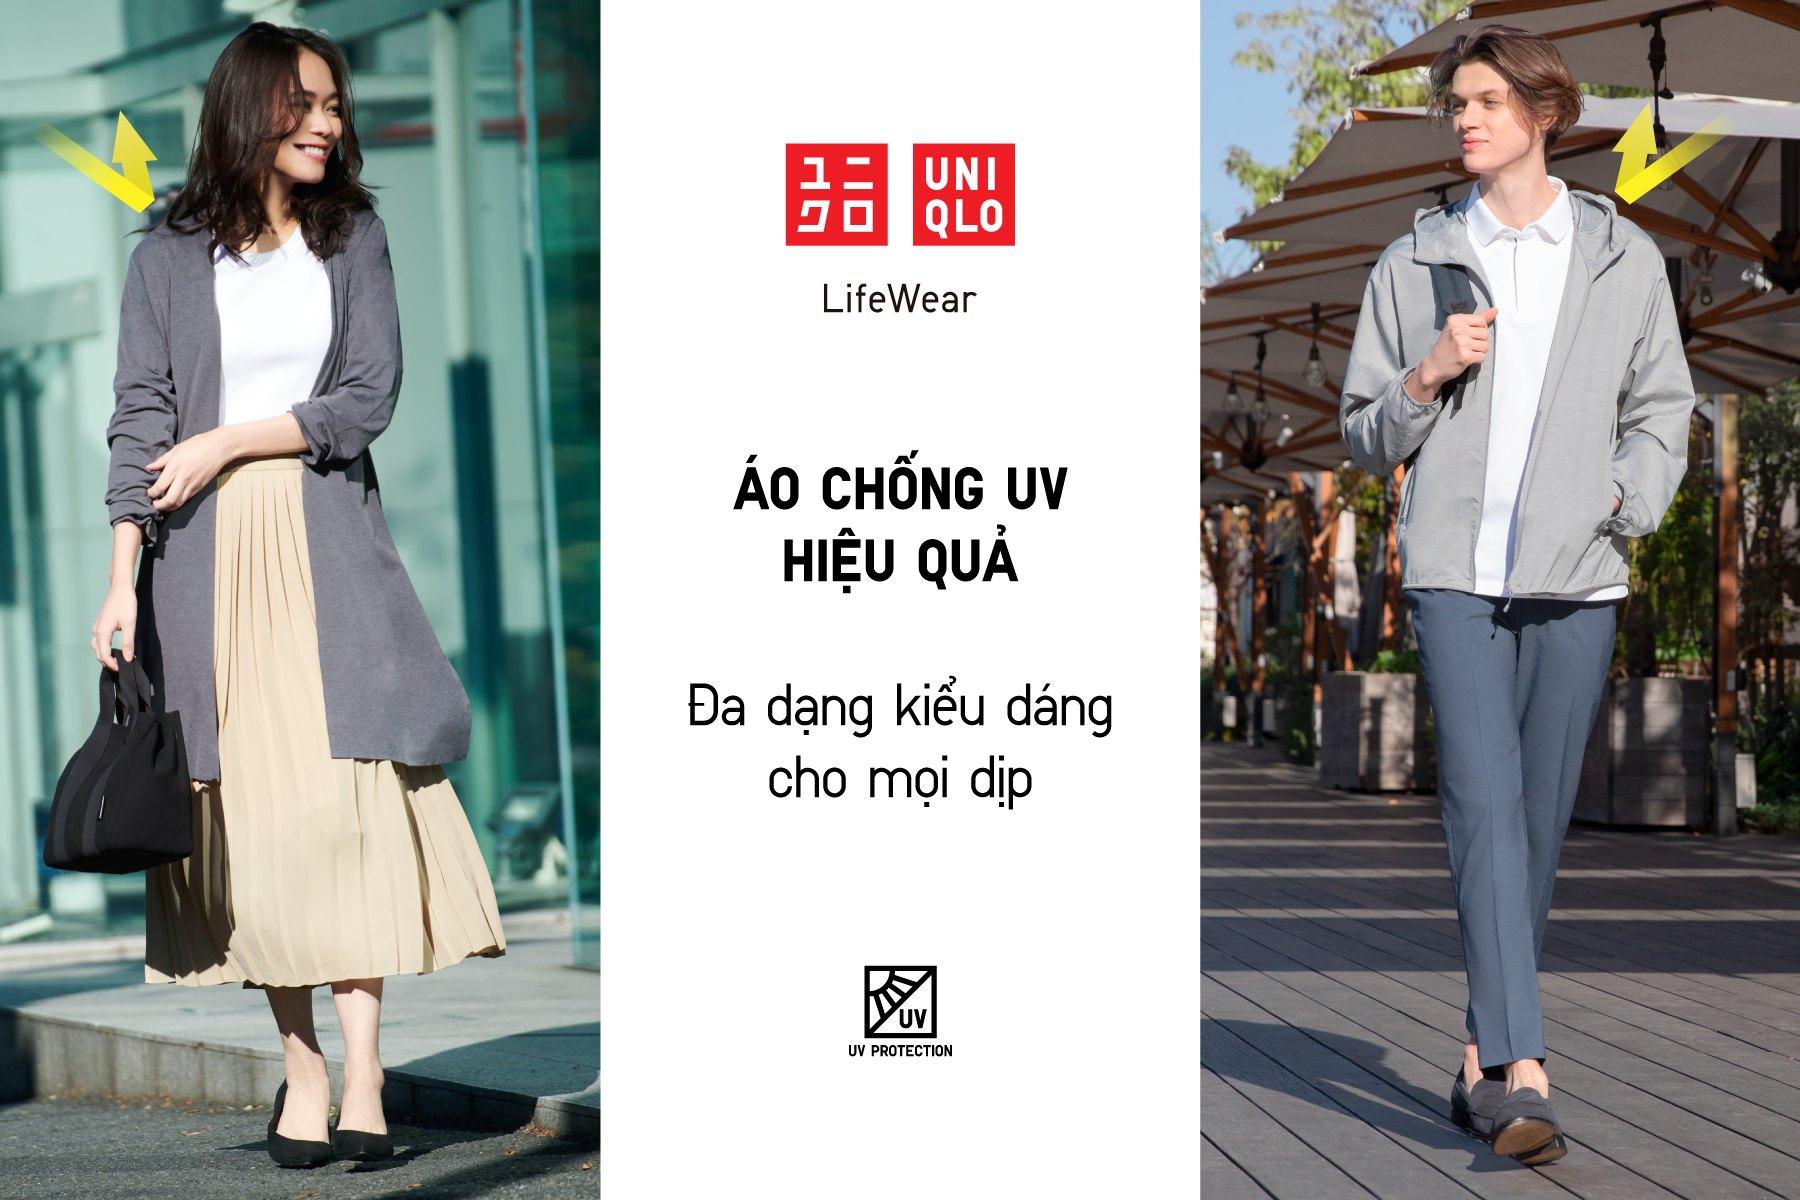 2 ngày nữa khai trương Uniqlo tại Hà Nội, và đây là những món đồ ưu đãi đáng sắm nhất, trong đó áo chống nắng chỉ còn 399k, áo giữ nhiệt sale tới 7 ngày - Ảnh 3.